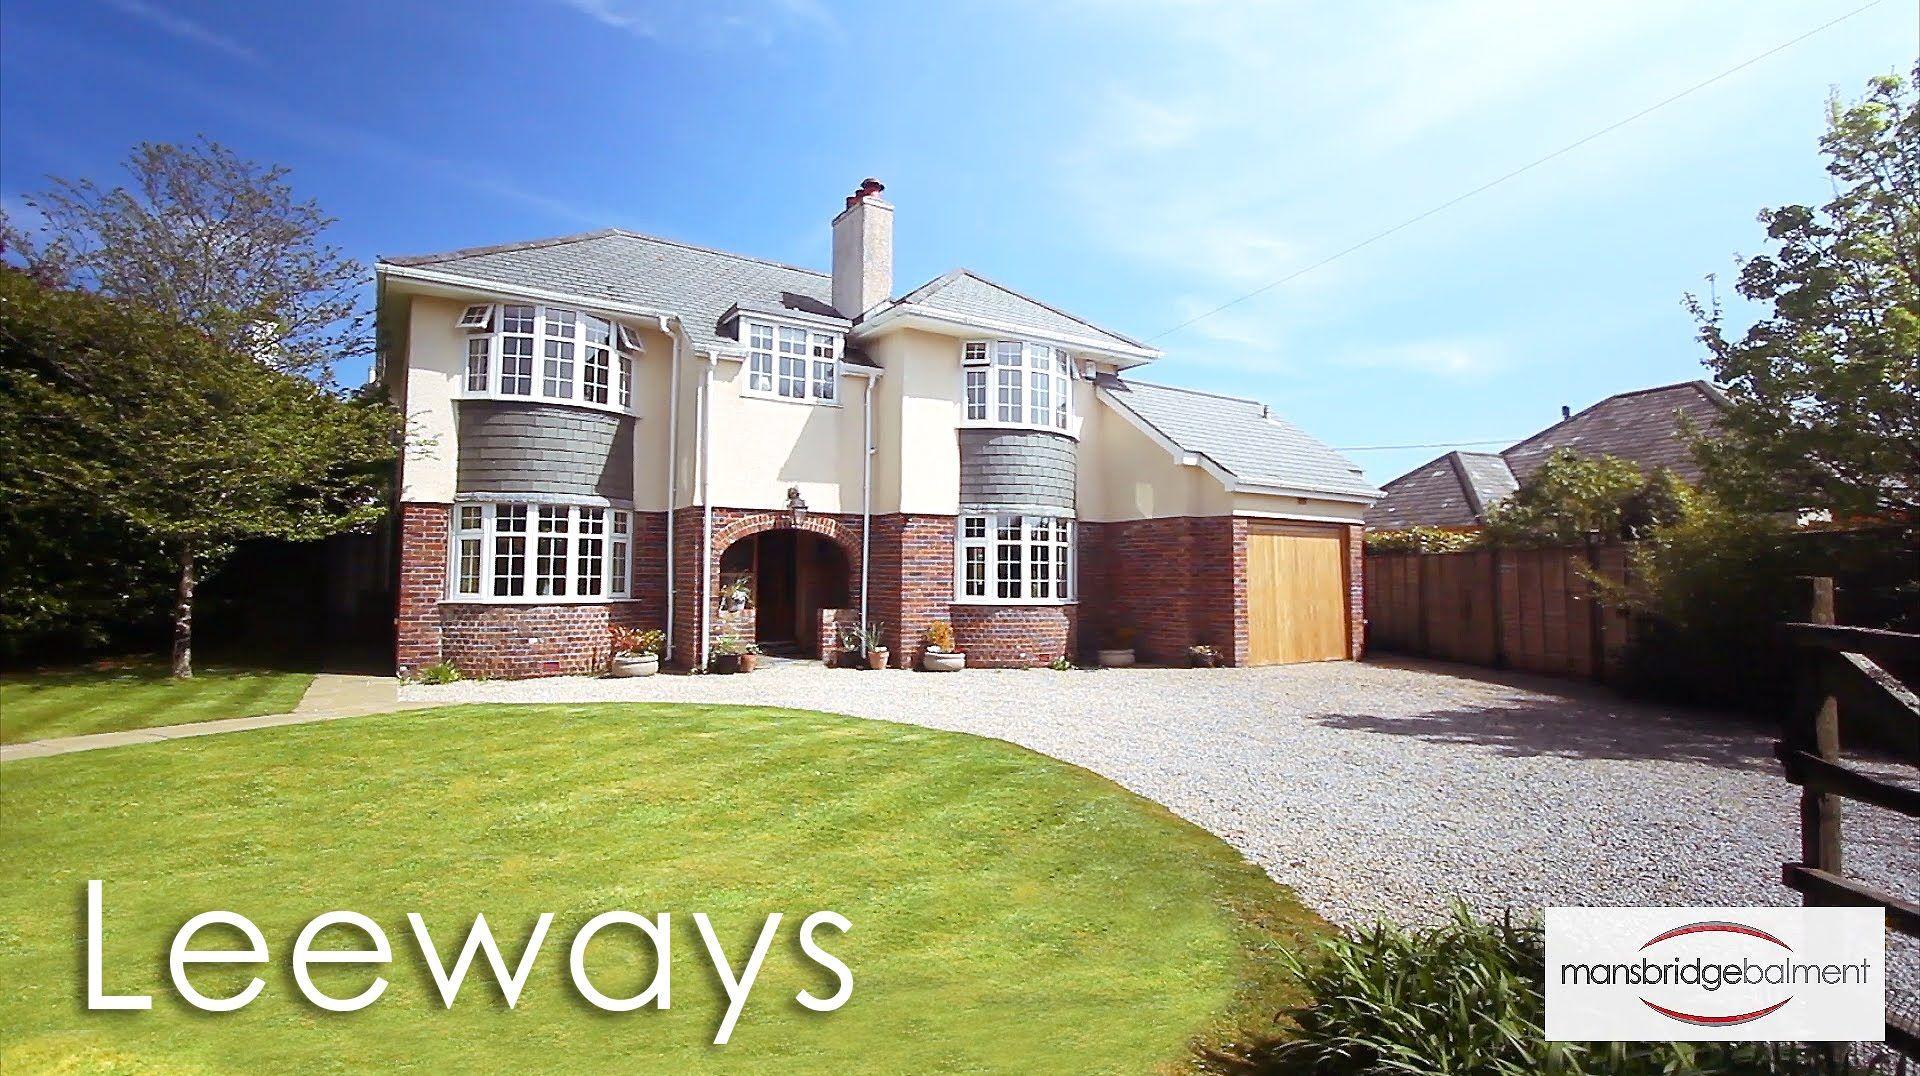 Leeways, Yelverton - 4 Bedroom Detached Family Home